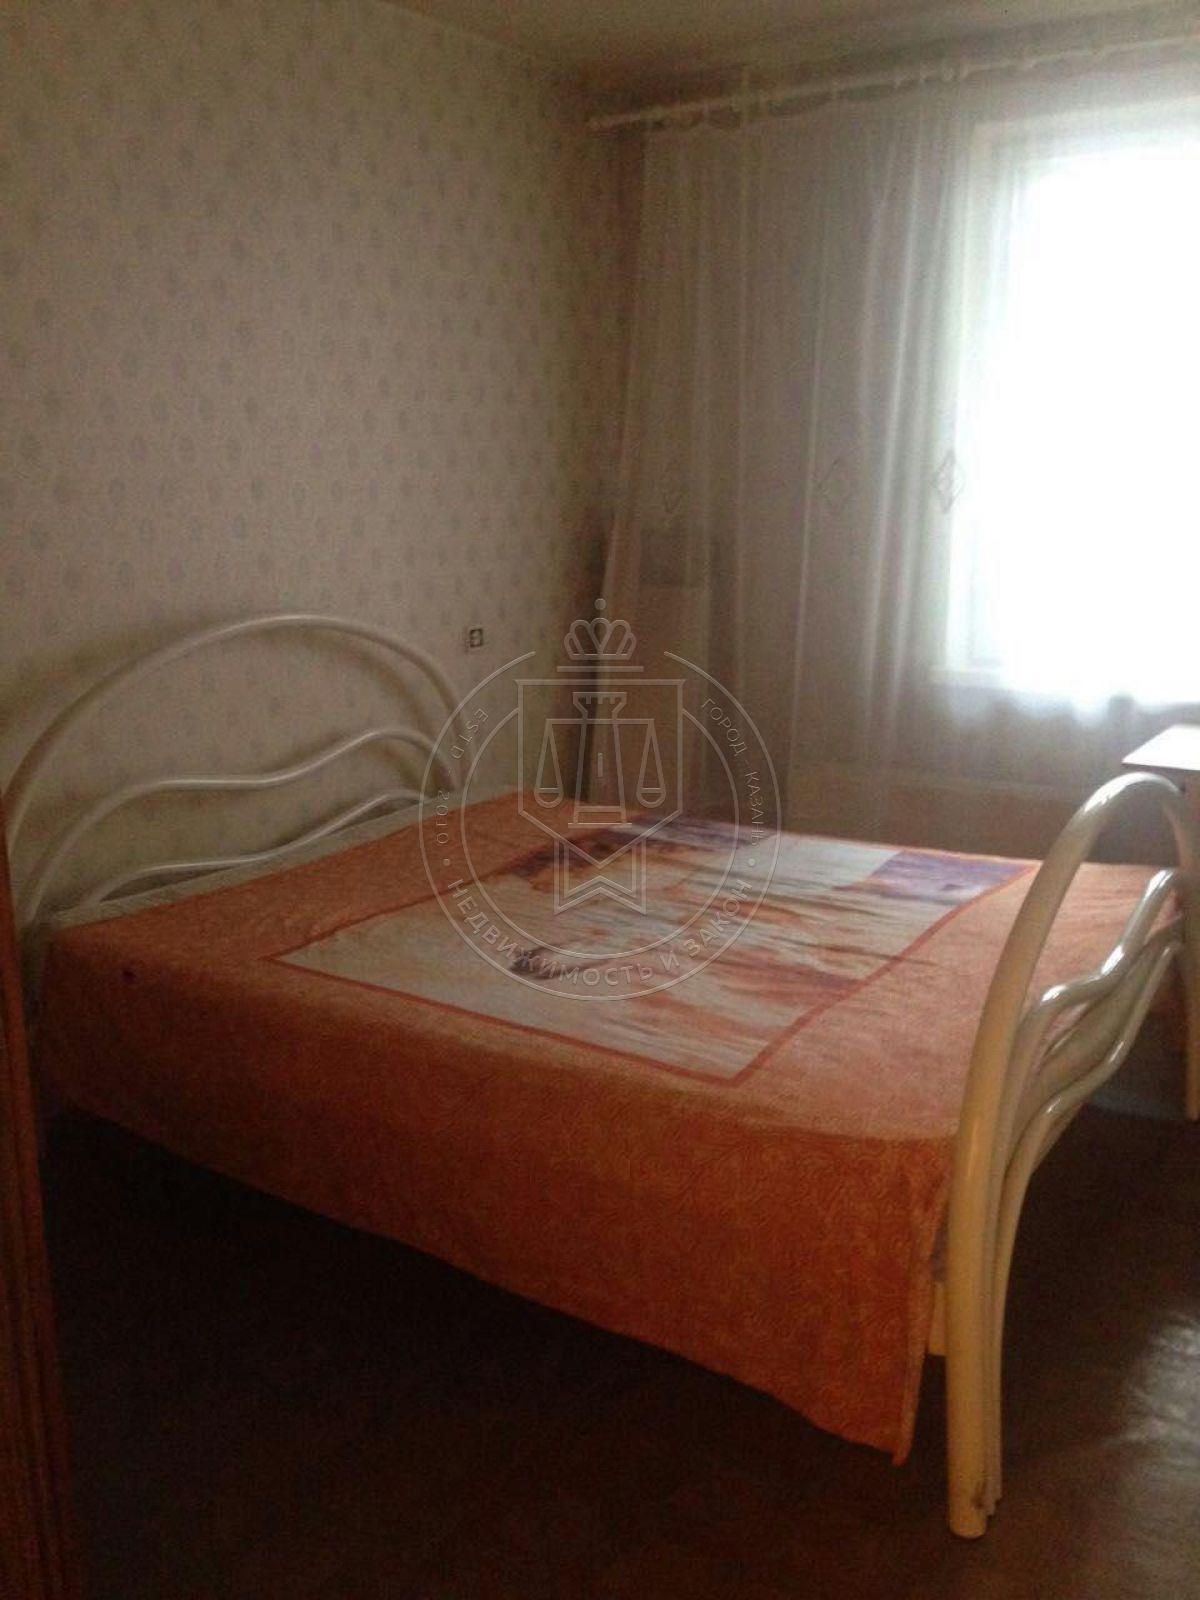 Продажа 2-к квартиры Дубравная ул, 49, 54.0 м² (миниатюра №3)